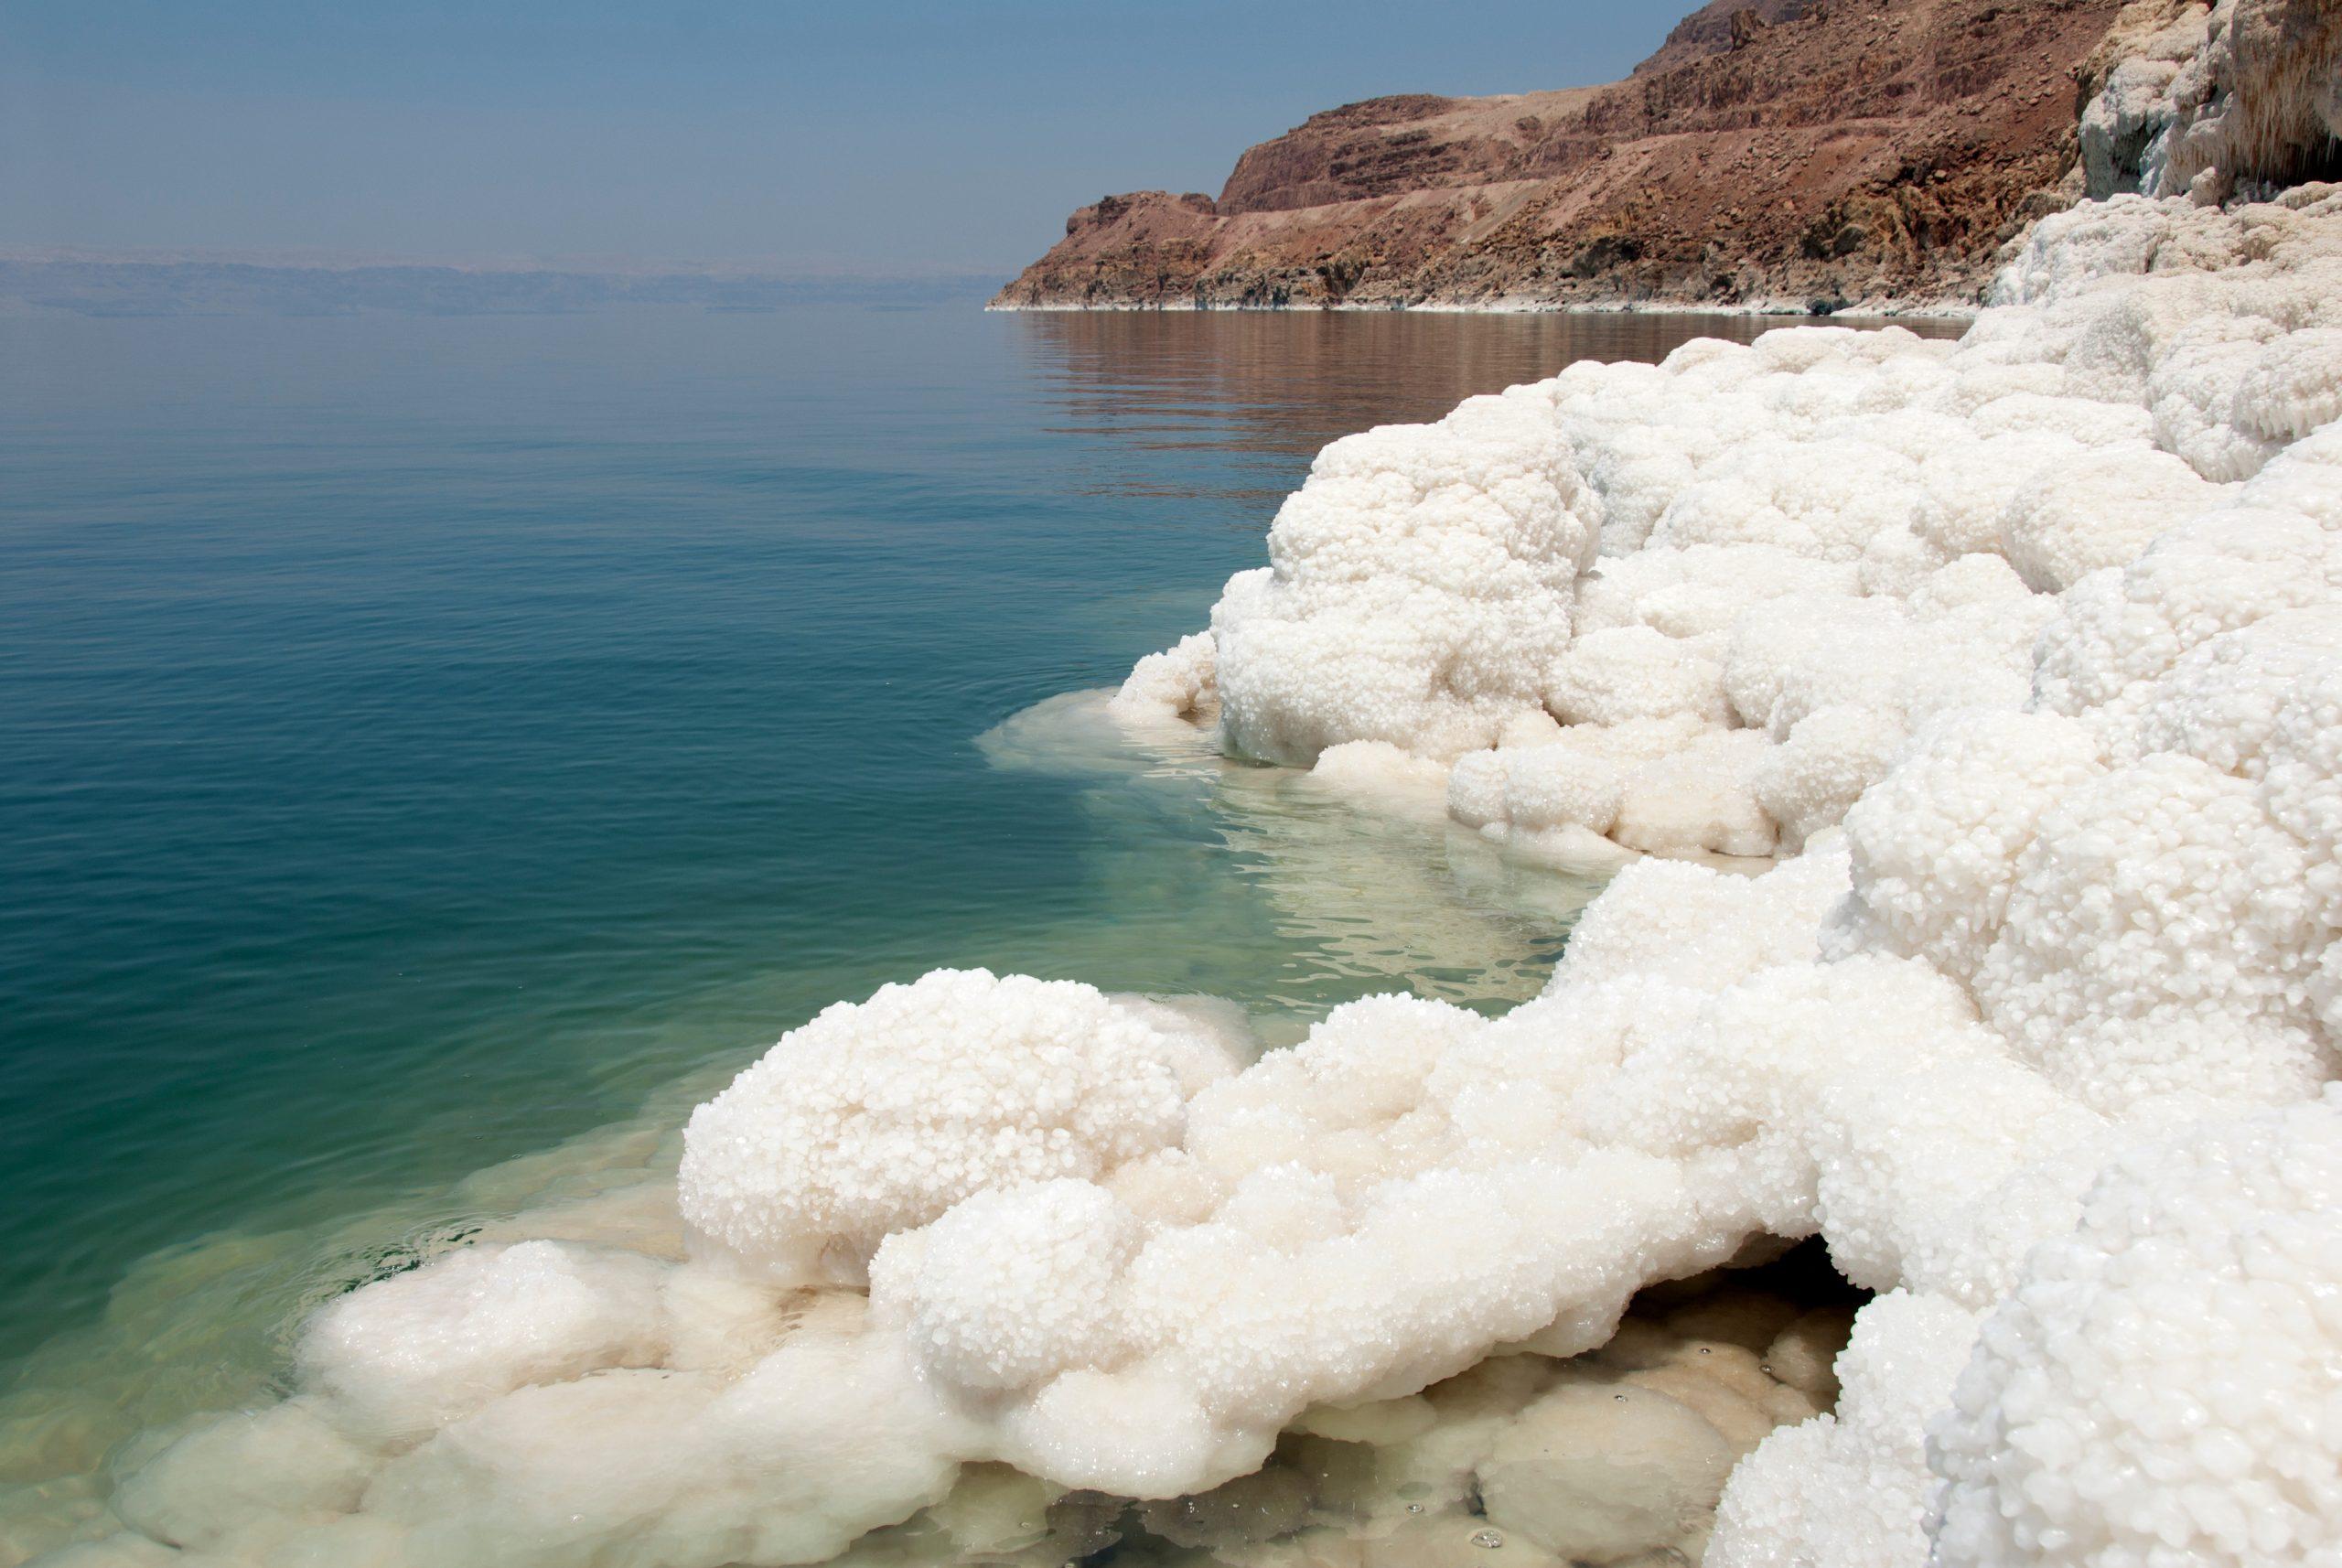 Θάλασσα Αλάτι Ψωρίαση: Ανακουφίστε τα συμπτώματα της ψωρίασης με αλάτι από τη Νεκρά Θάλασσα [vid]